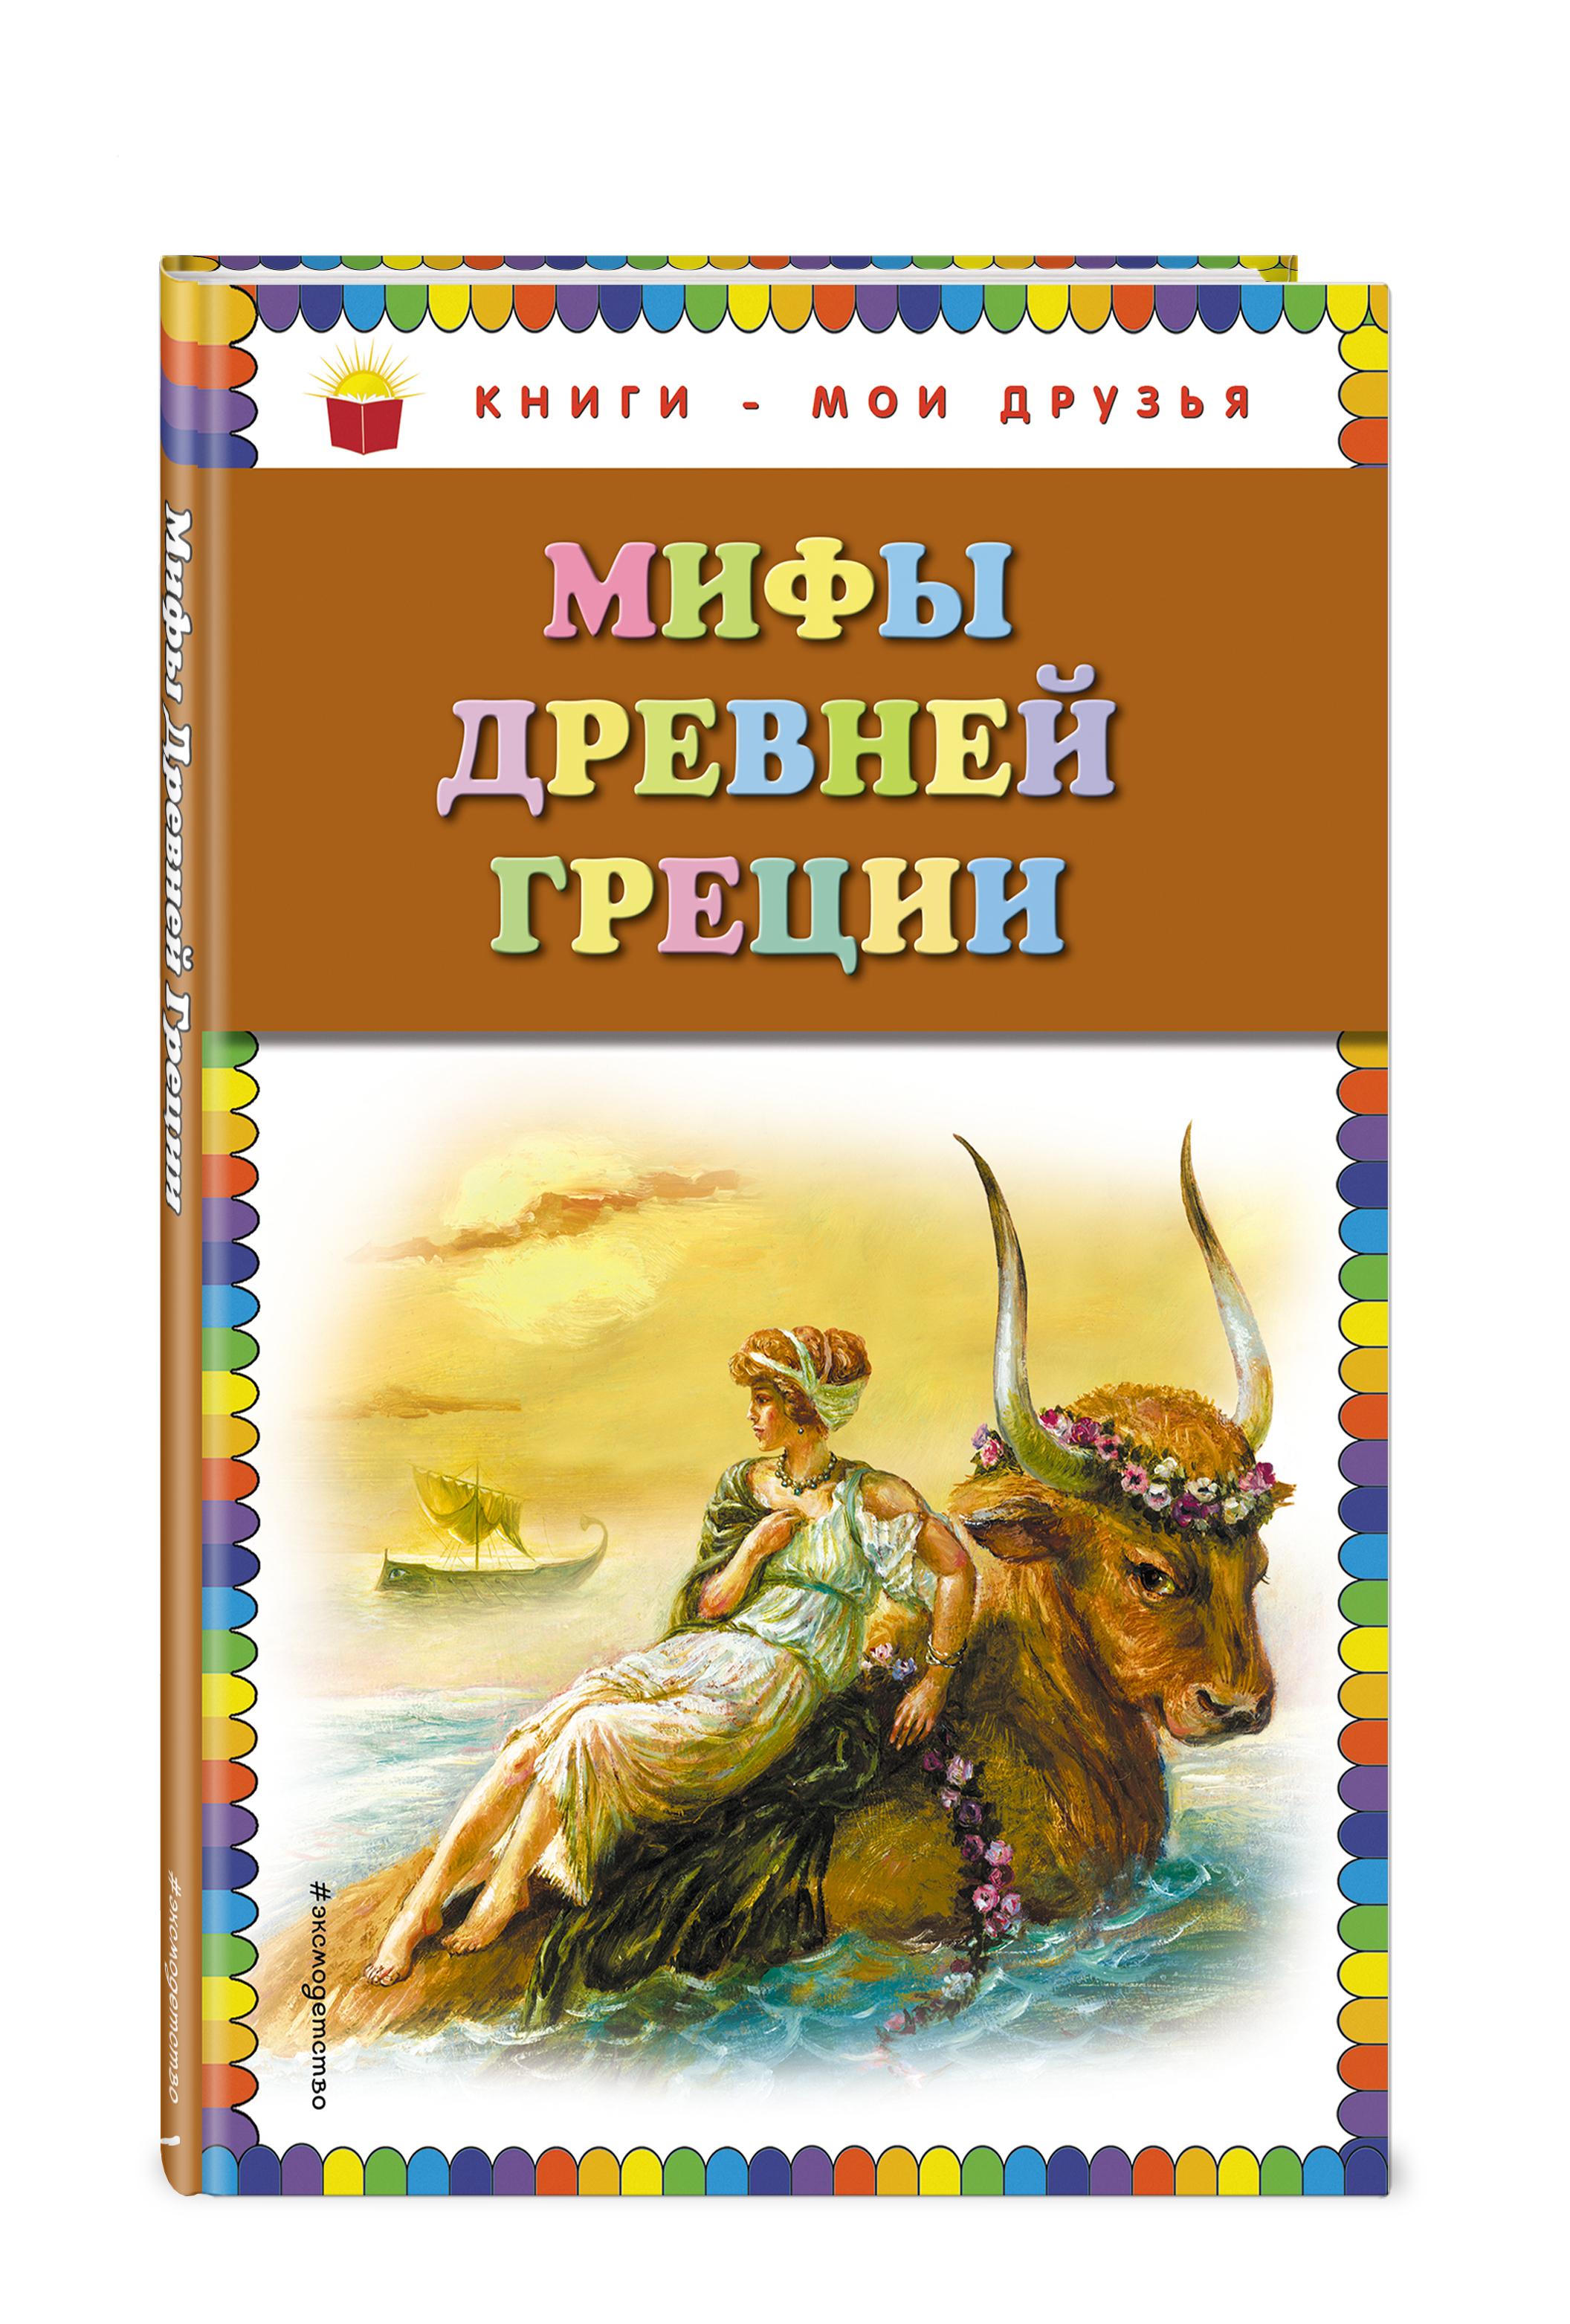 Мифы Древней Греции пантилеева а сост 50 самые известные мифы древней греции иллюстрированная энциклопедия